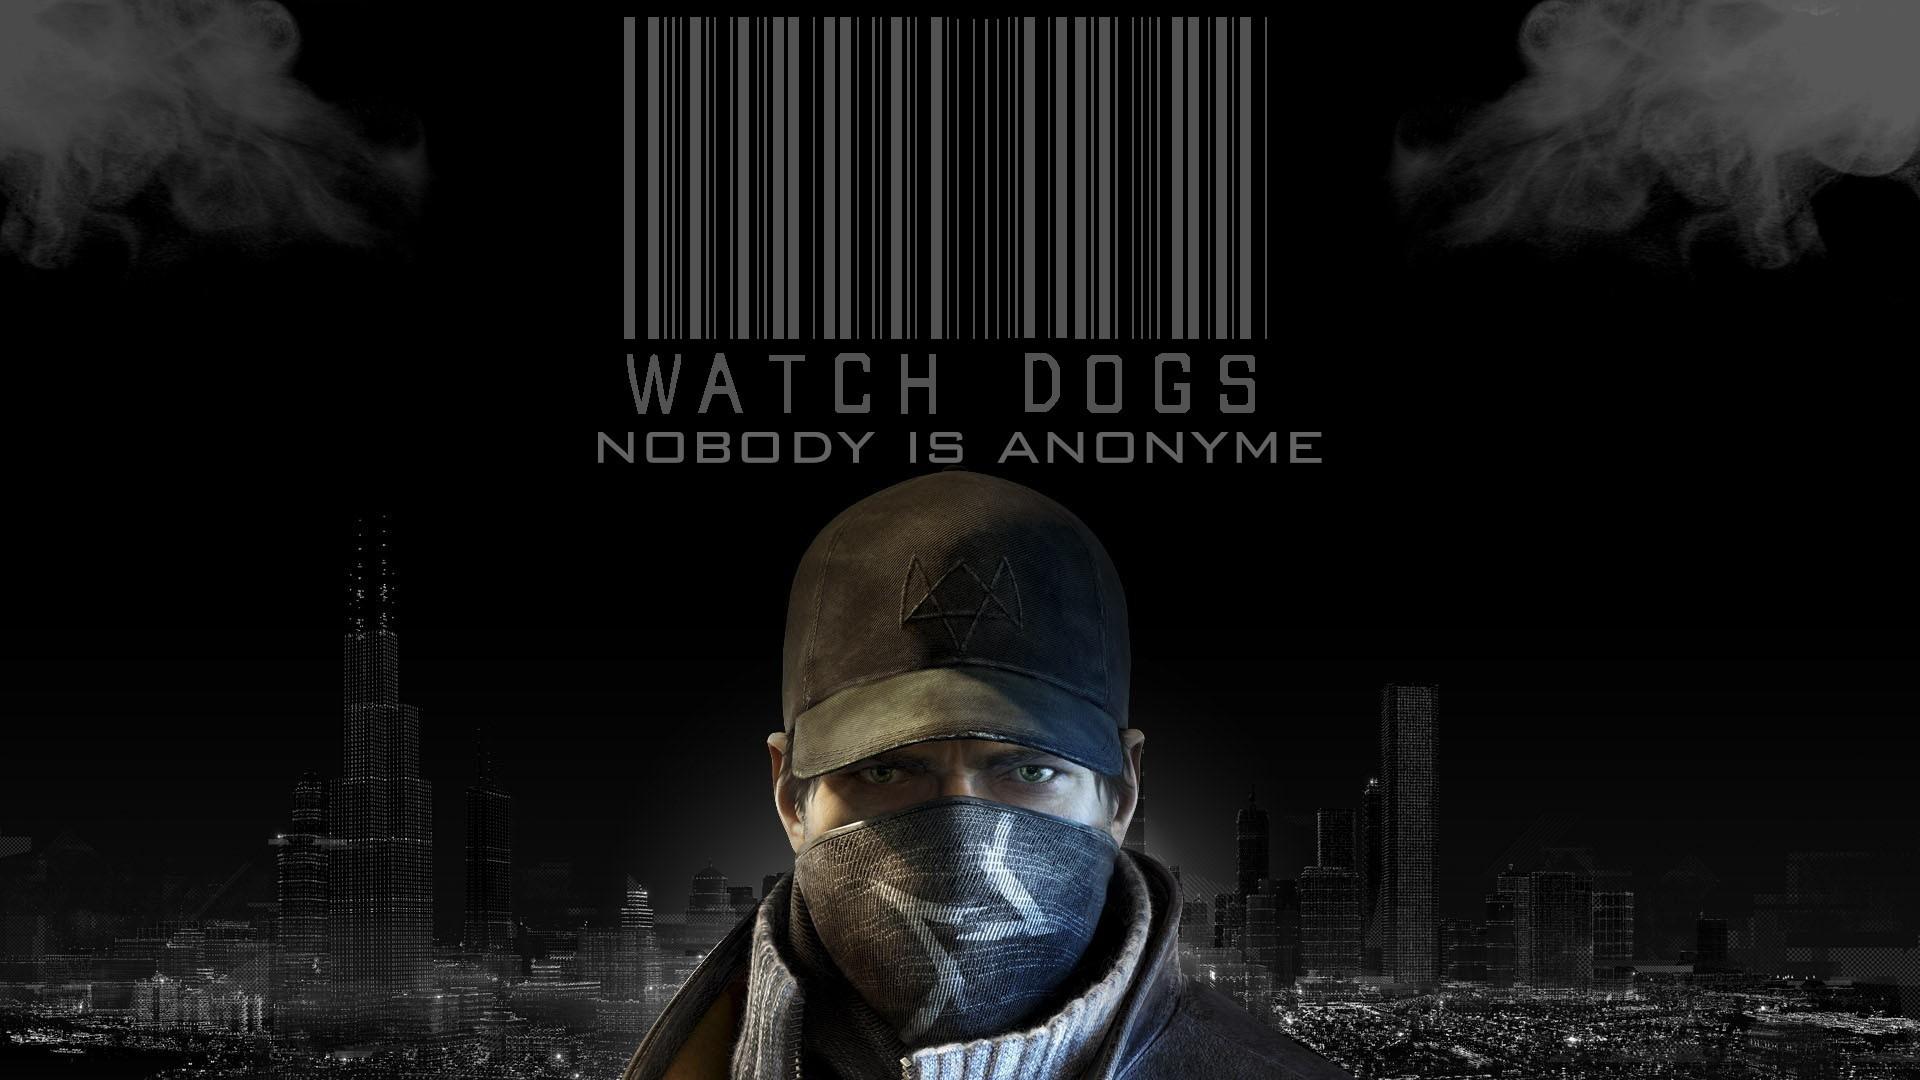 Watch Dogs Black Screen Wallpaper